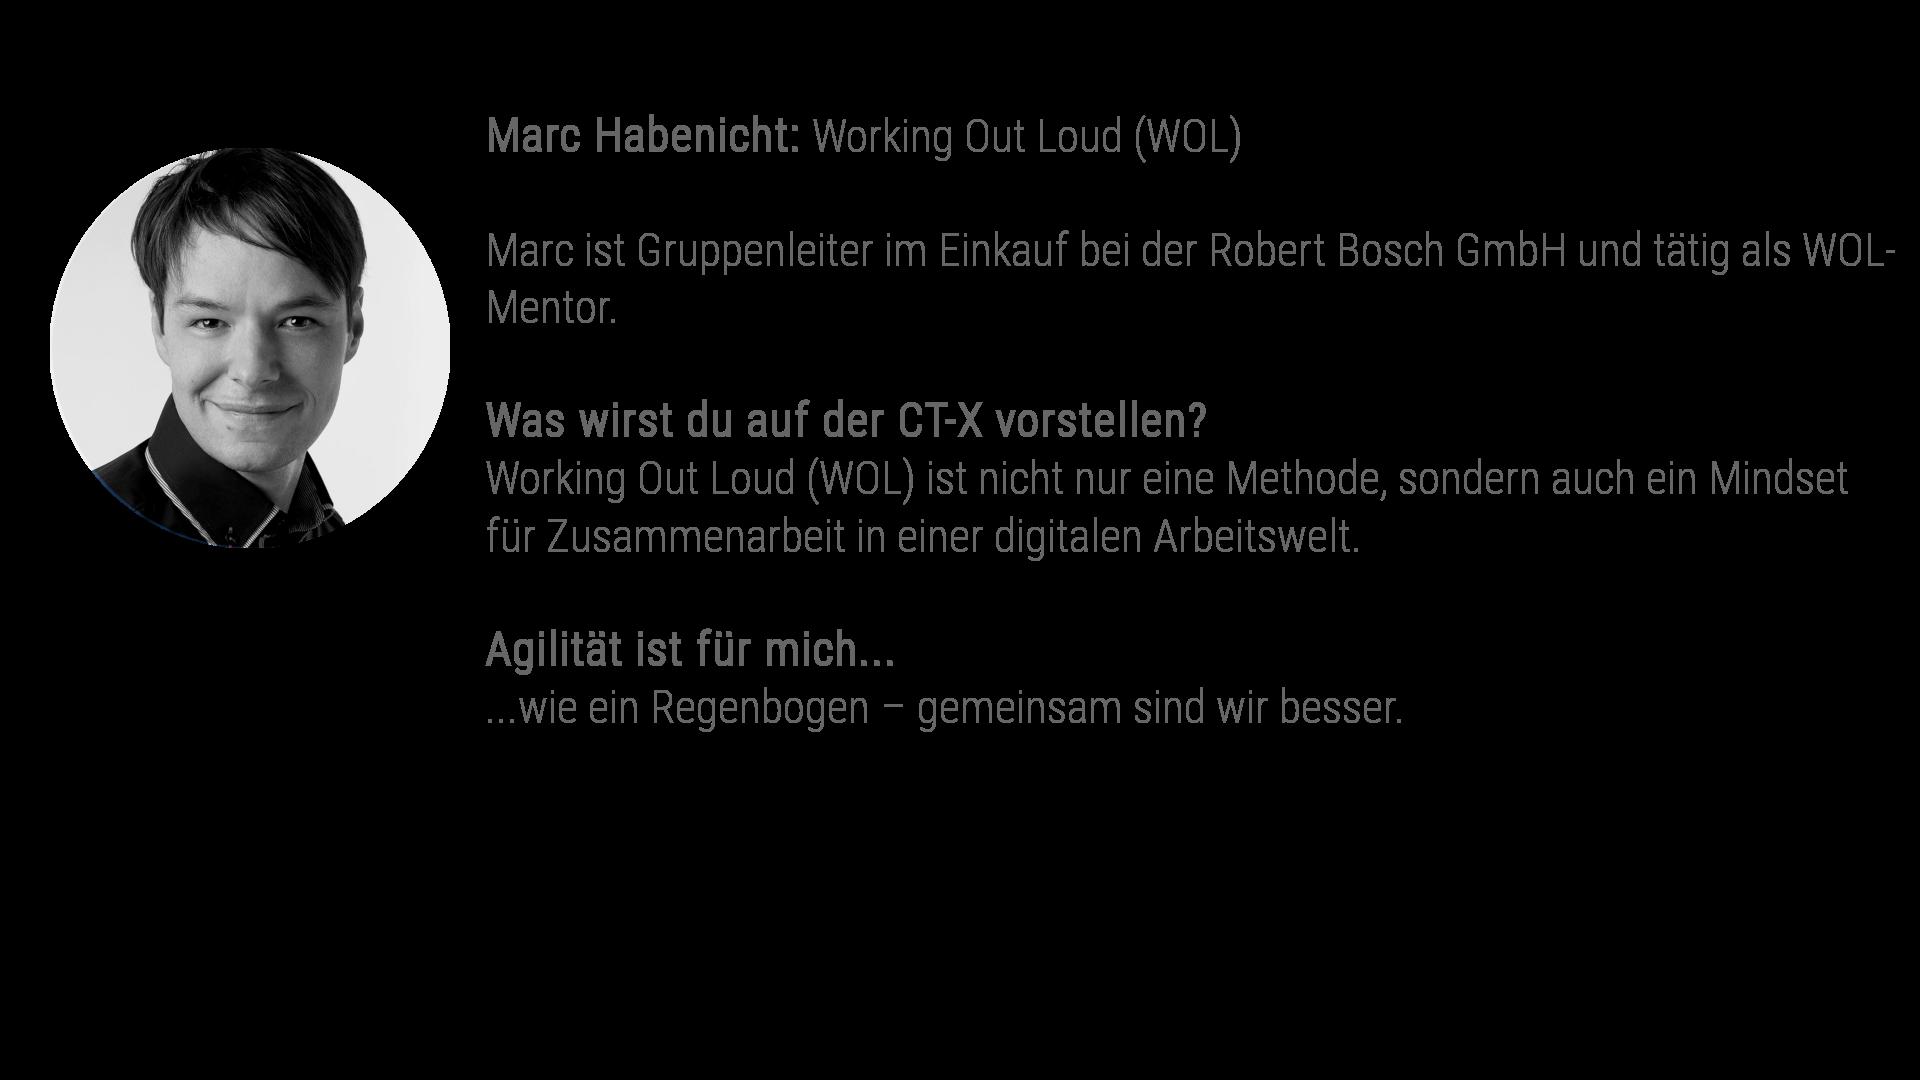 Marc Habenicht Marc ist Gruppenleiter im Einkauf bei der Robert Bosch GmbH und tätig als Working-Out-Loud-Mentor. Was wirst du auf der CT-X vorstellen? Working Out Loud (WOL) ist nicht nur eine Methode, sondern auch ein Mindset für Zusammenarbeit in einer digitalen Arbeitswelt. Agilität ist für mich... ... ein Regenbogen – gemeinsam sind wir besser.